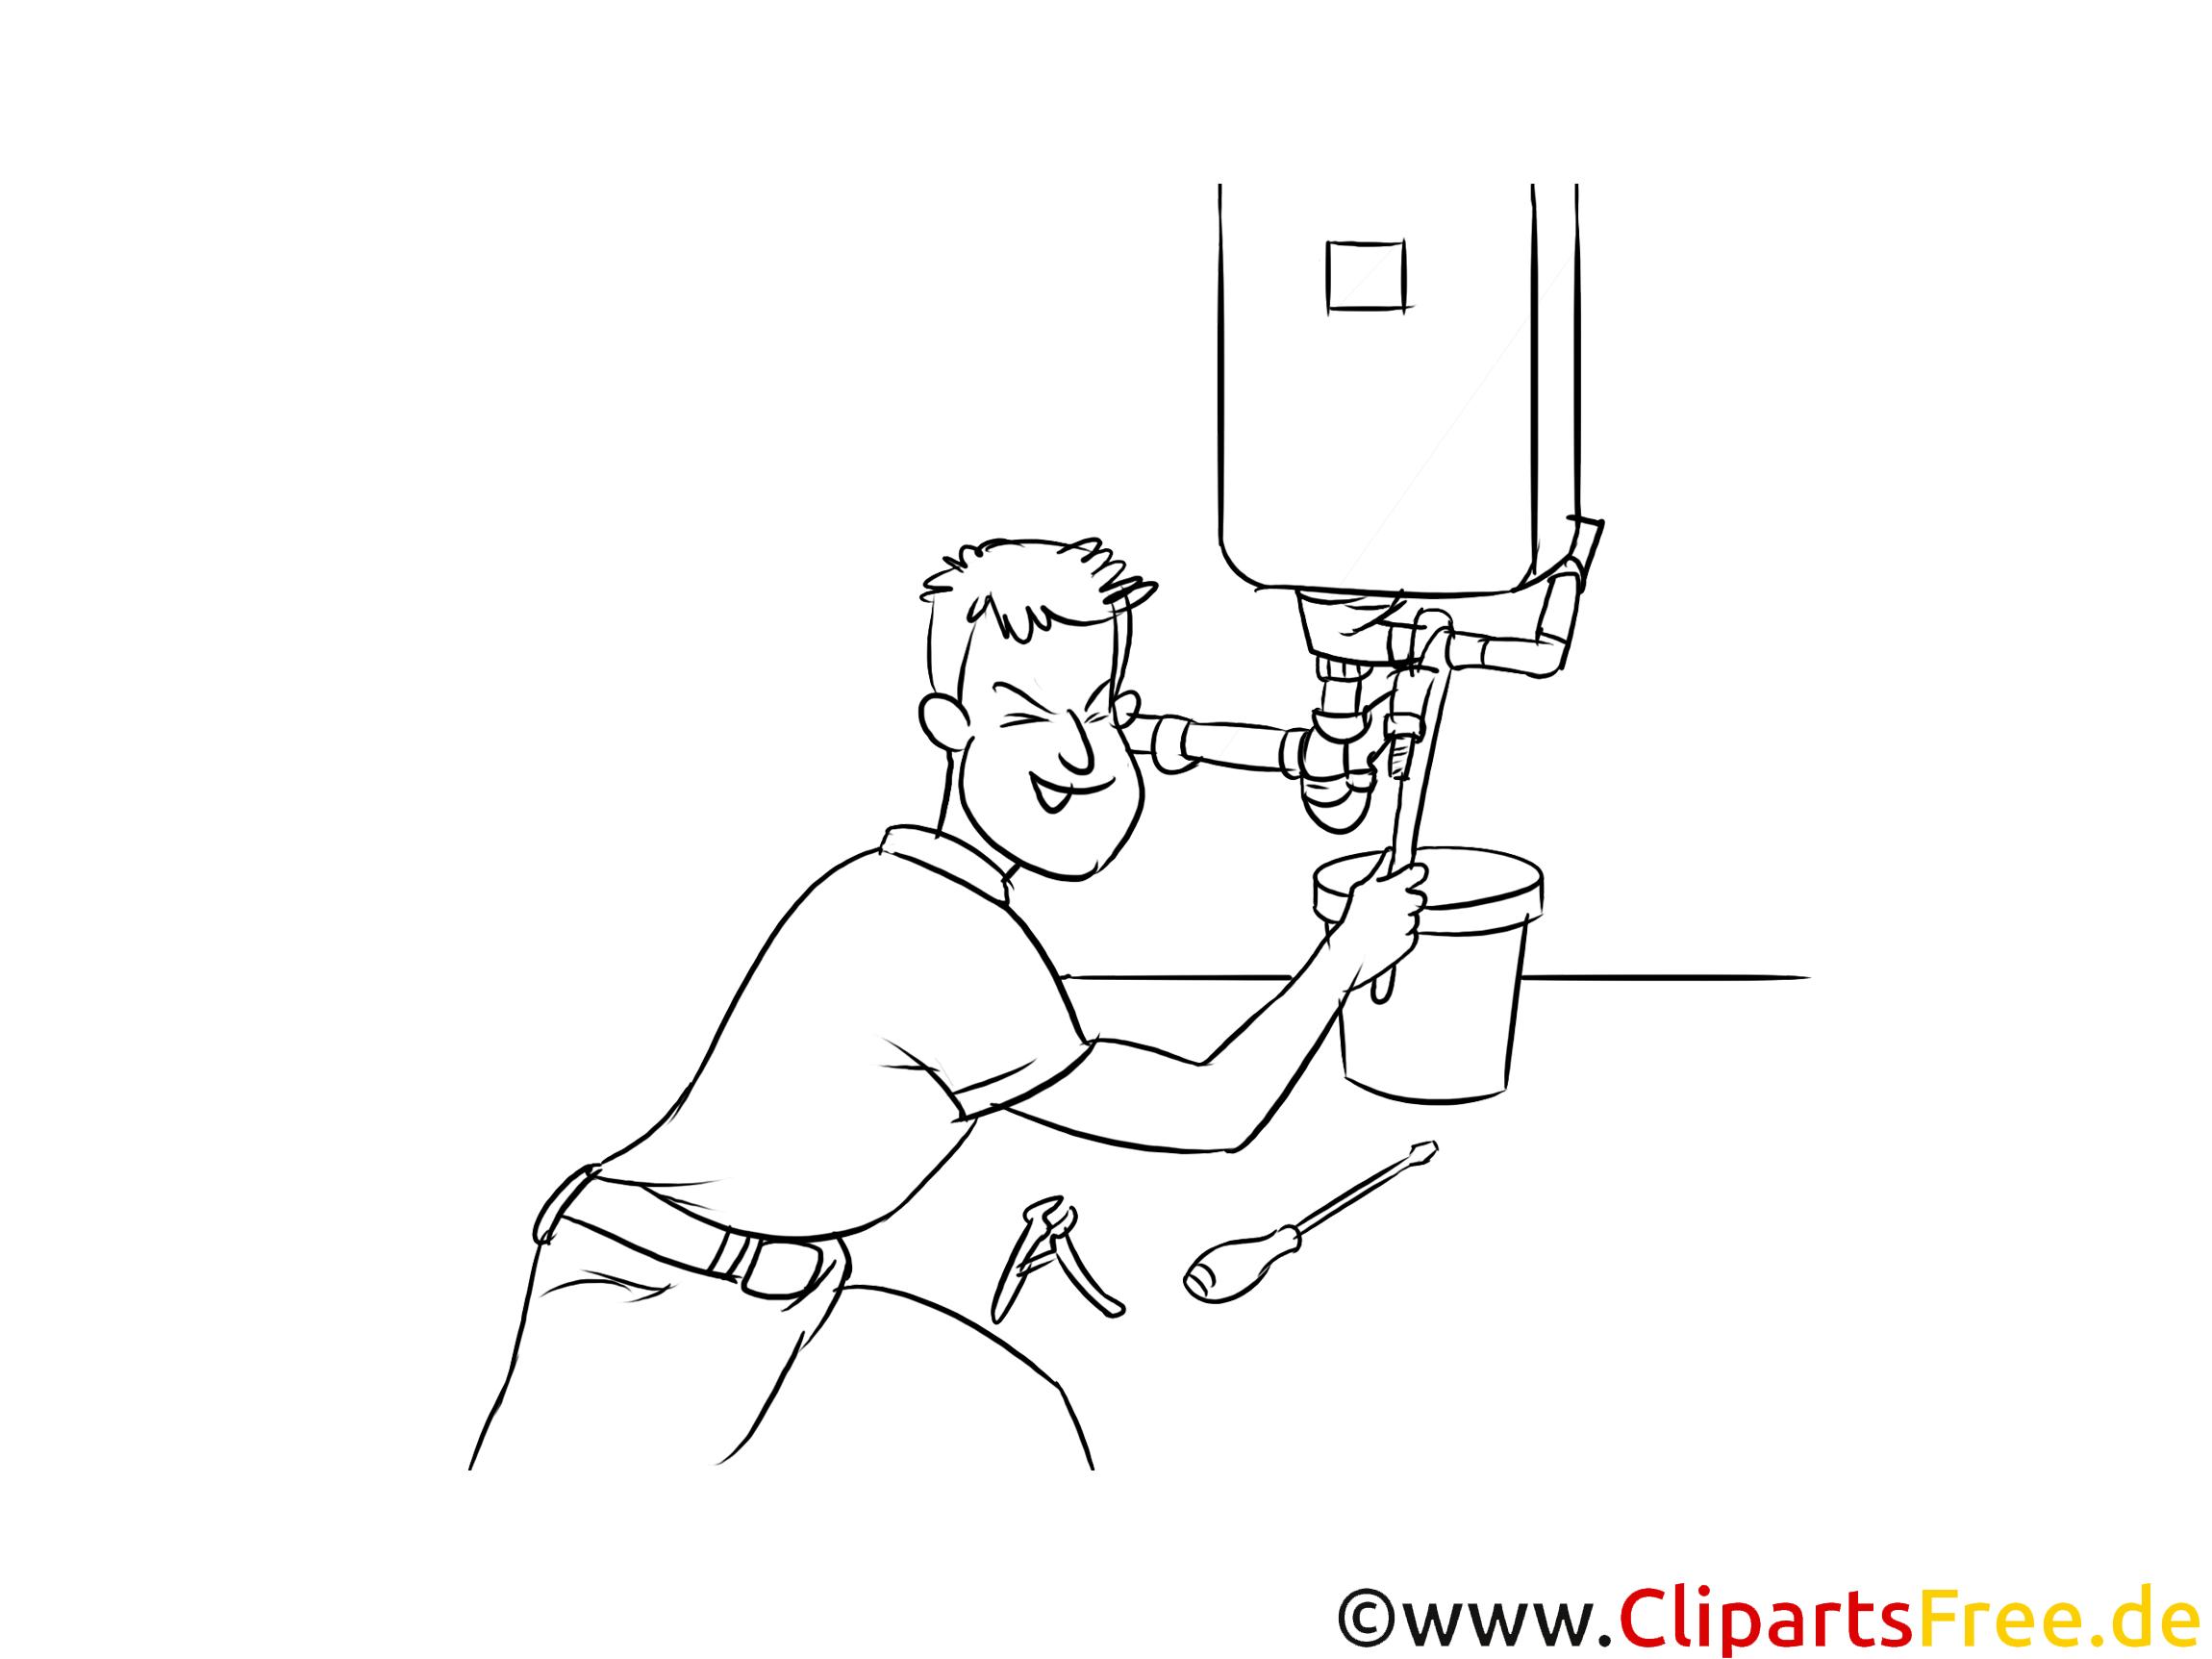 Anlagenmechaniker Sanitär- Heizungs- und Klimatechnik Clipart, Grafik, Bild schwarz-weiß